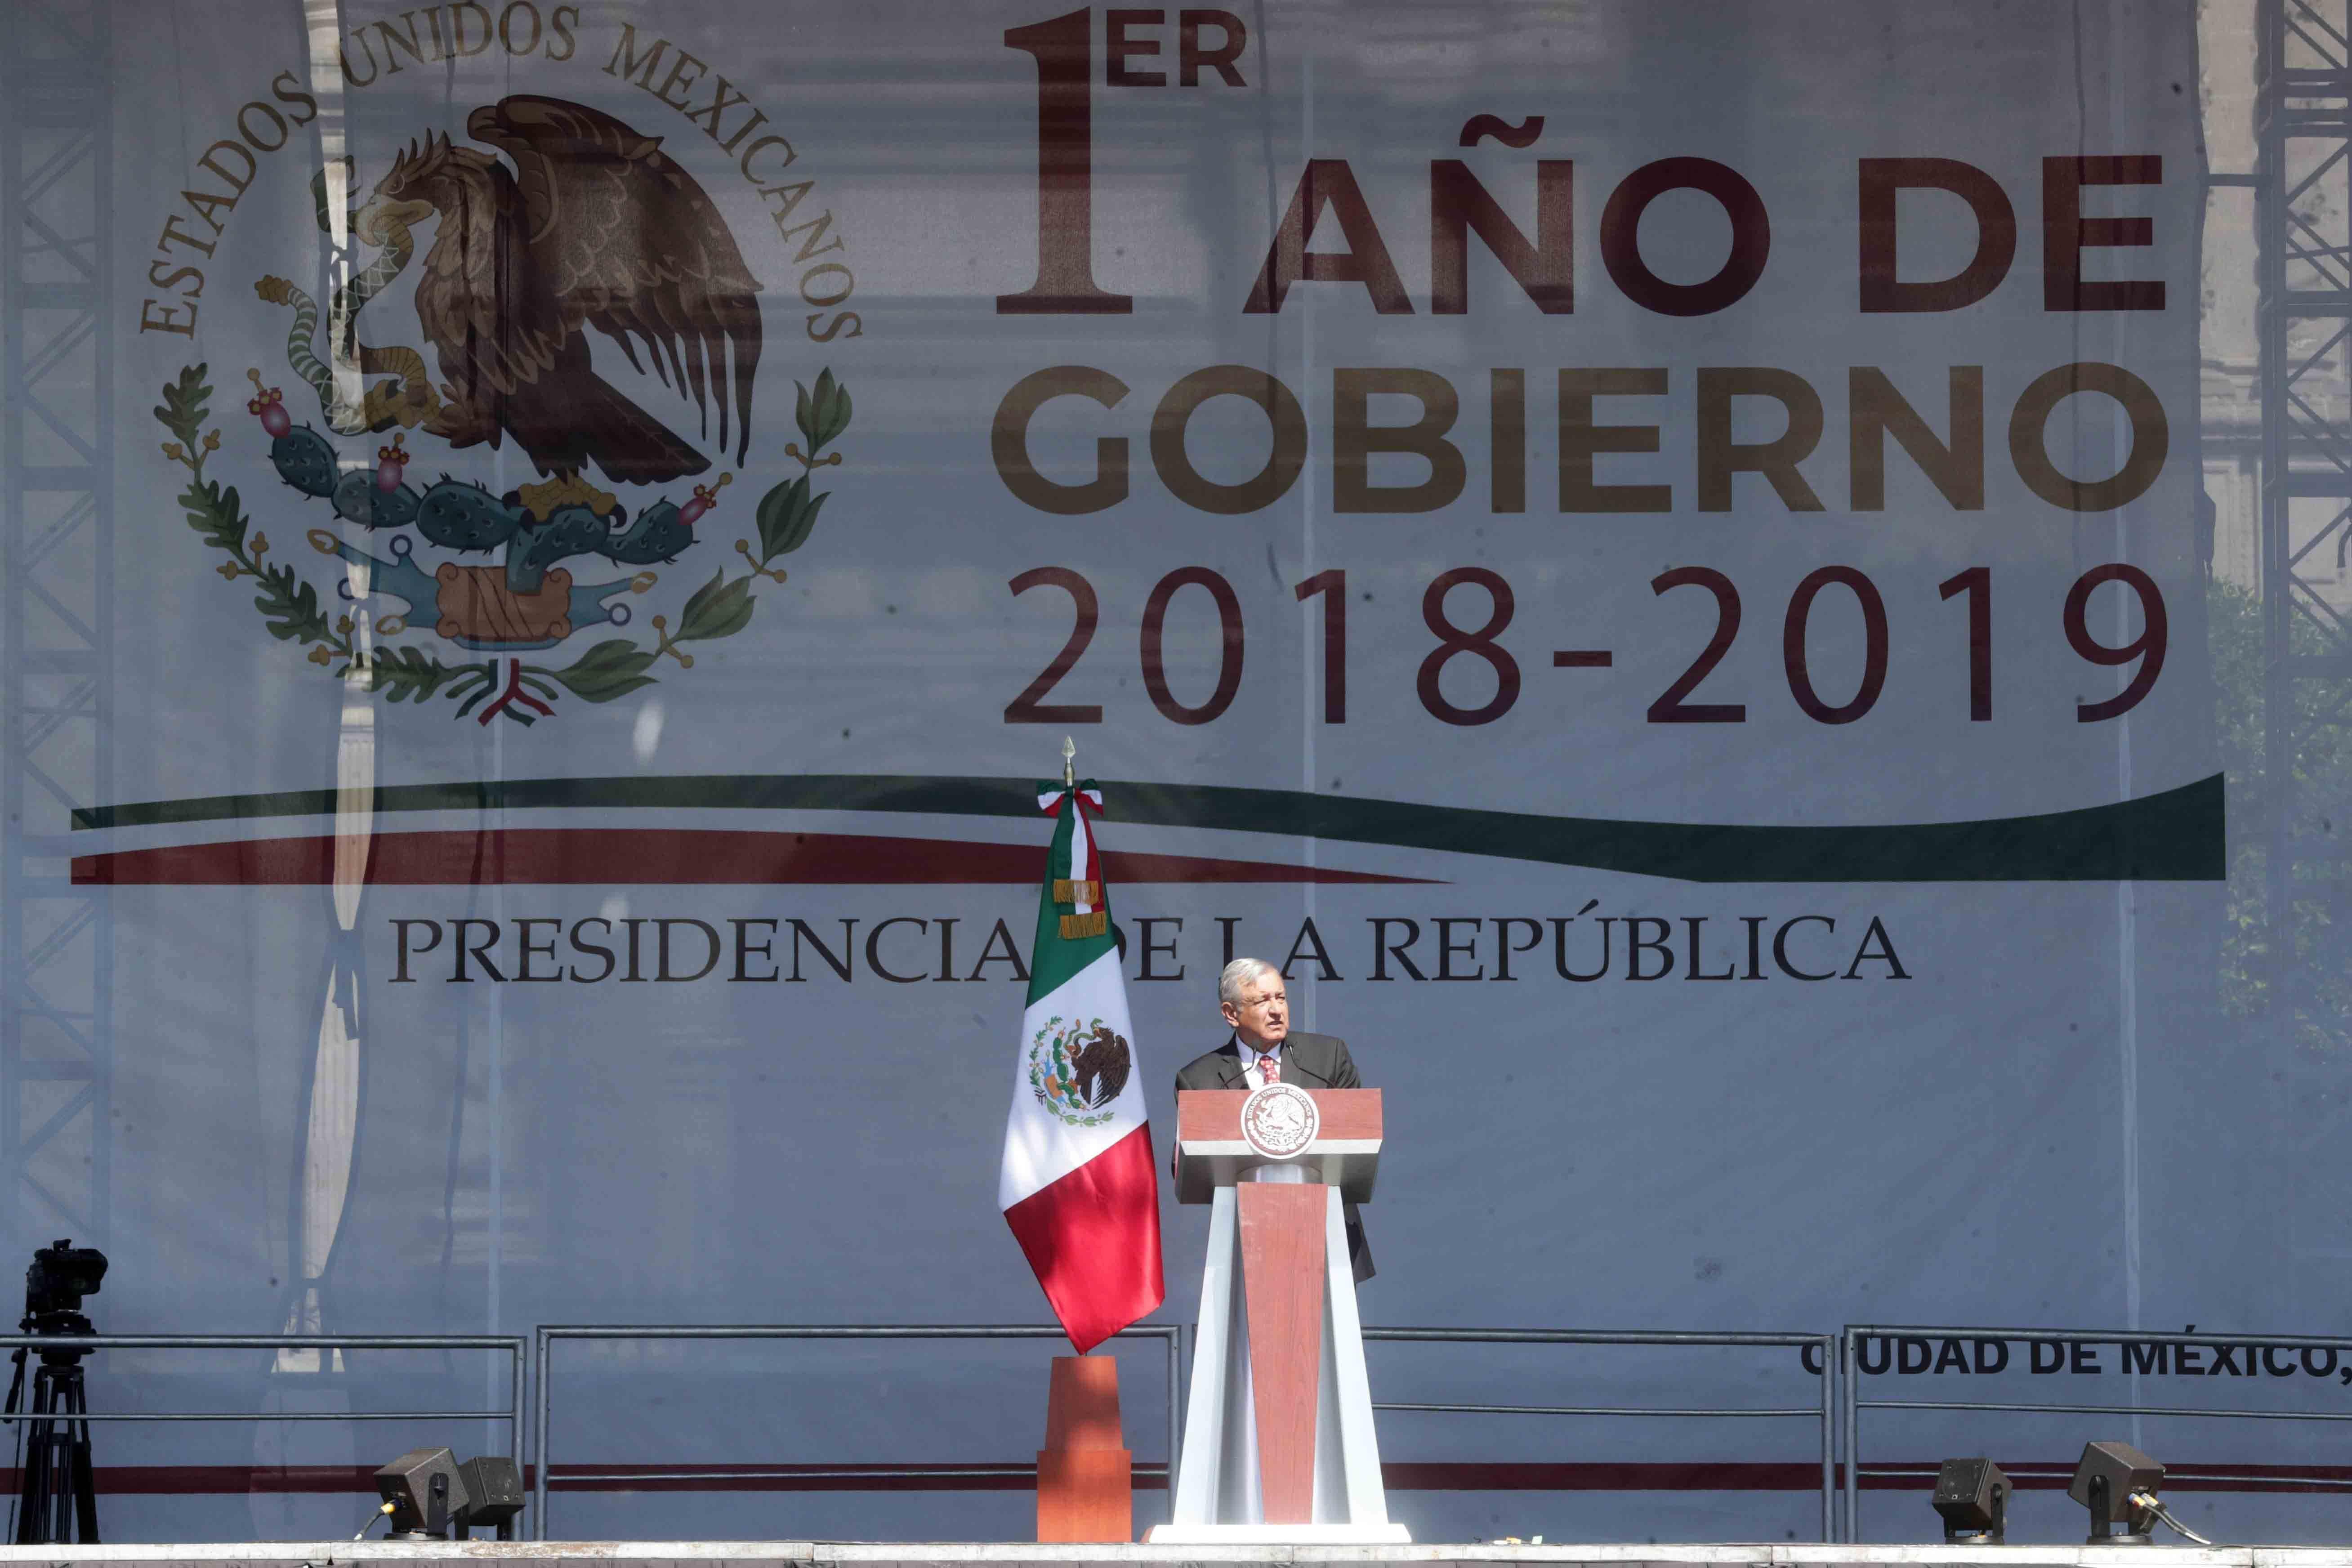 Ceremonia del Primer Año de Gobierno 2018-2019